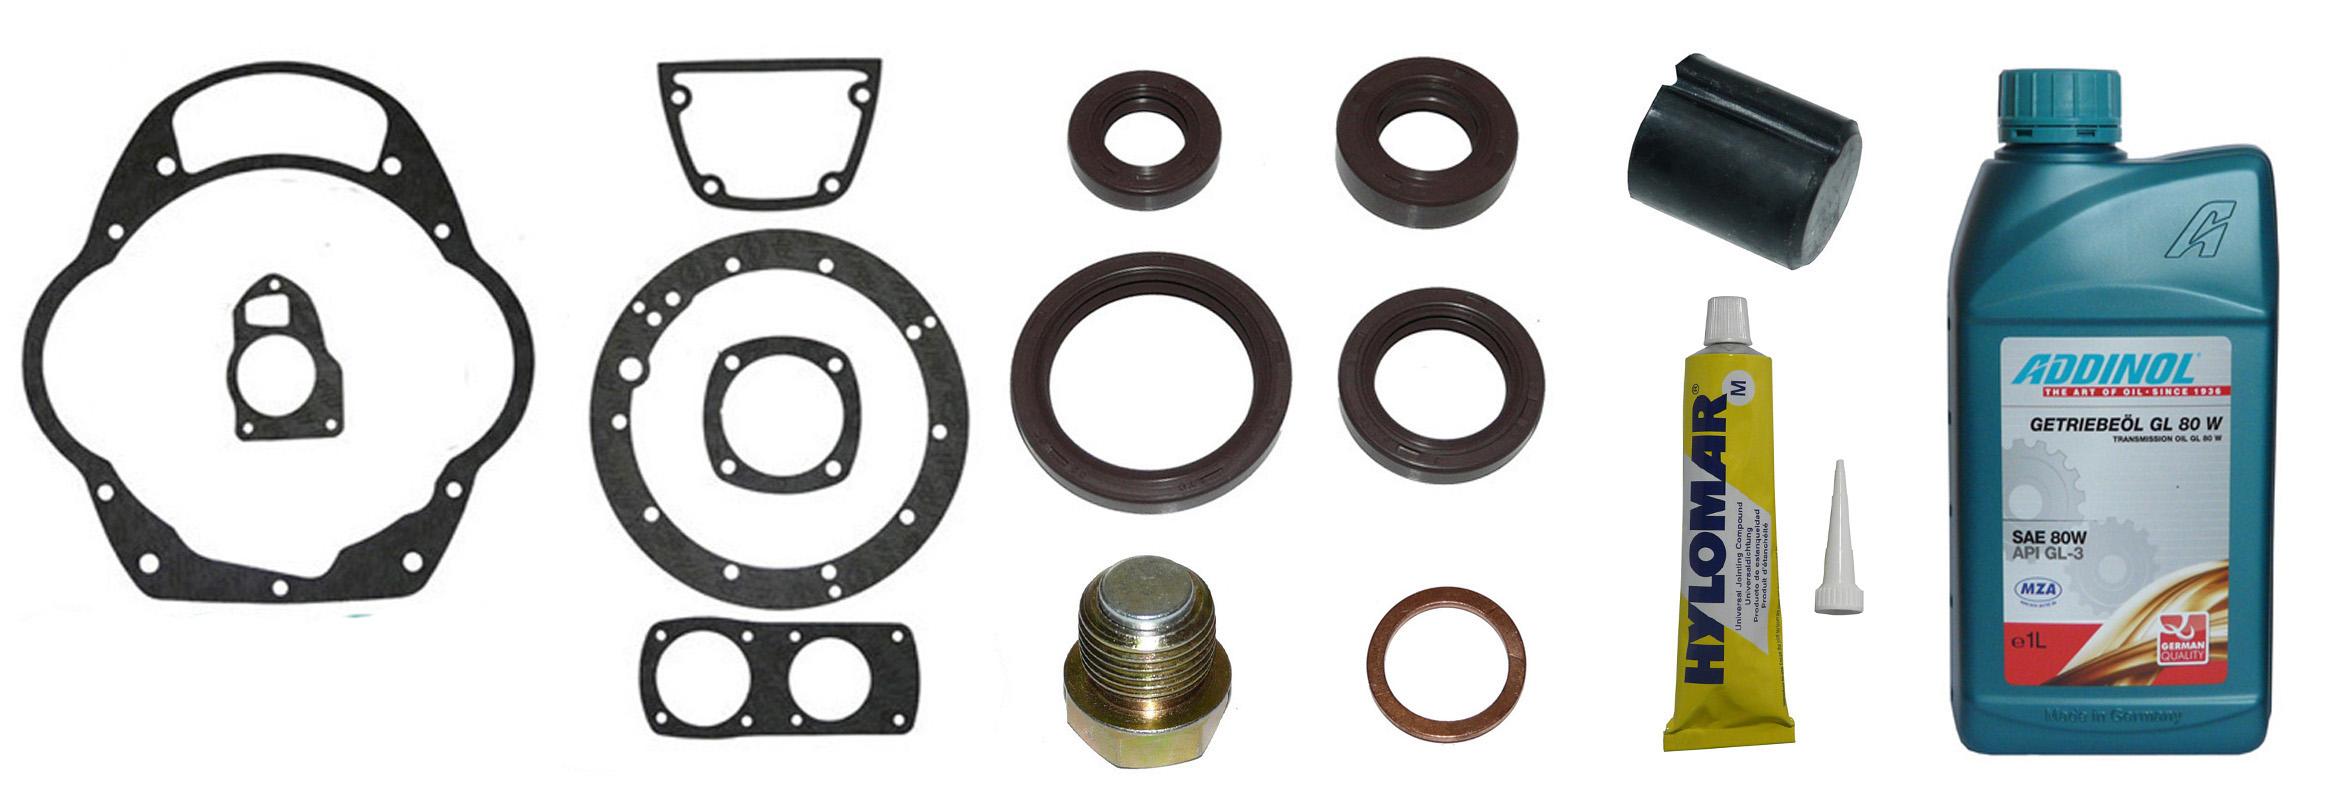 IFA MZ BK 350 Ersatzteile Getriebegehäuse